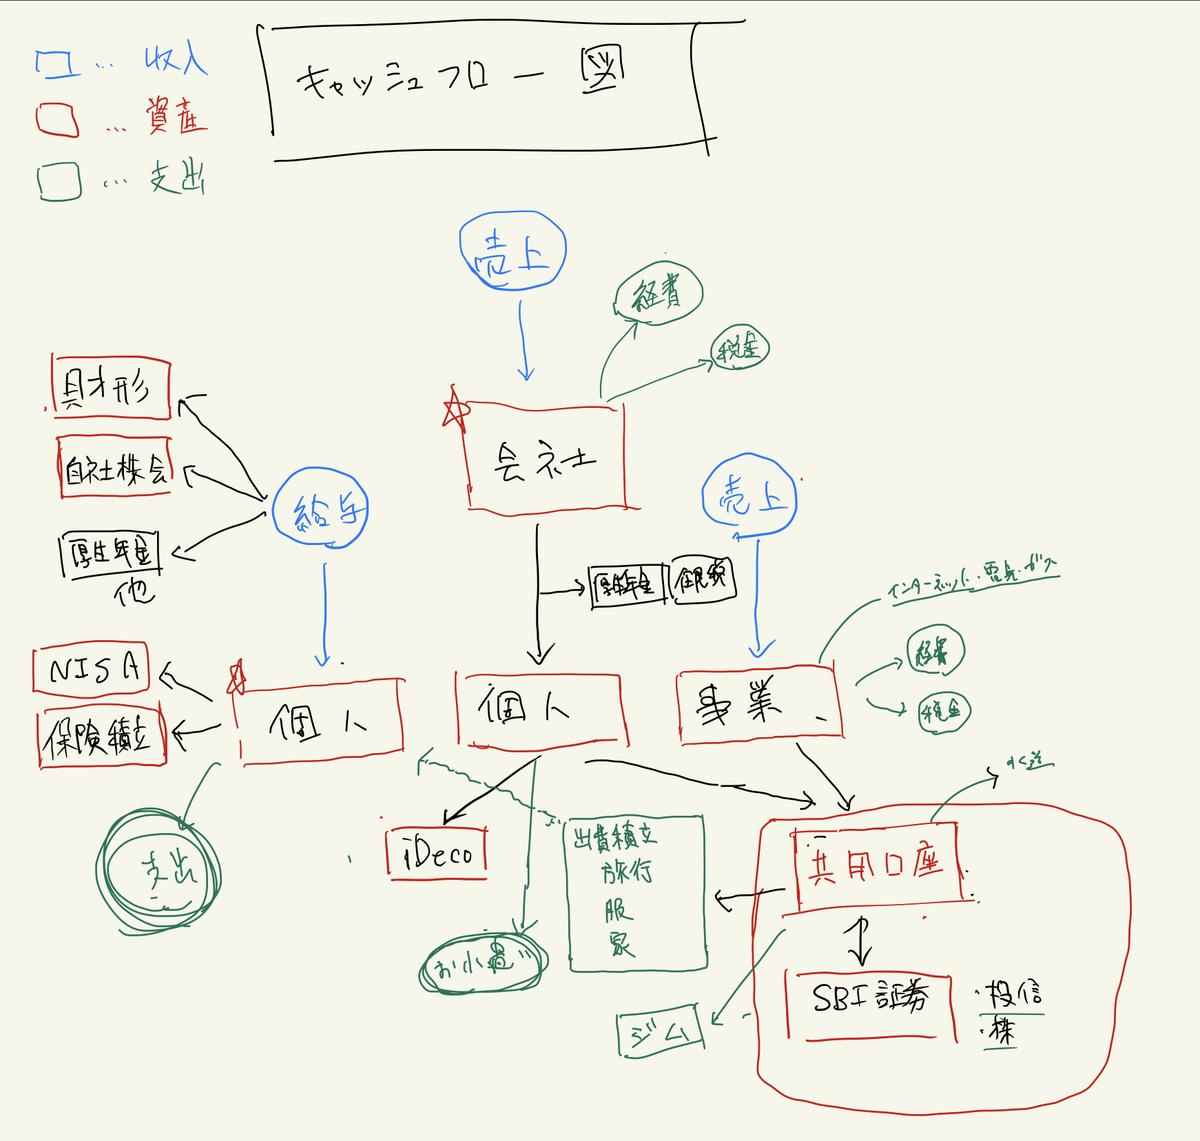 f:id:miyasakura:20200105223339j:plain:w300